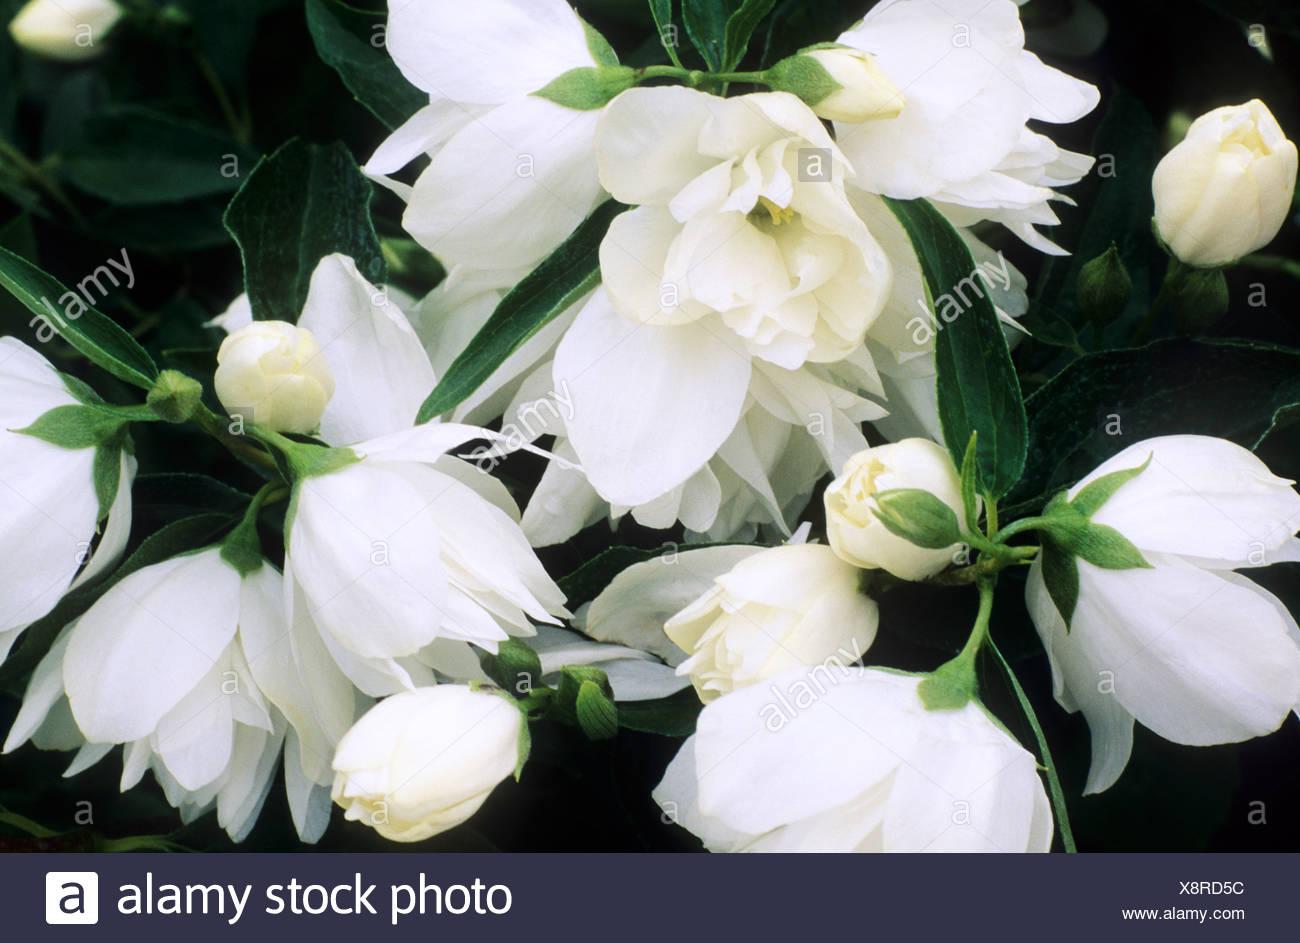 Philadelphus Mrs E L Robinson White Fragrant Flowers Garden